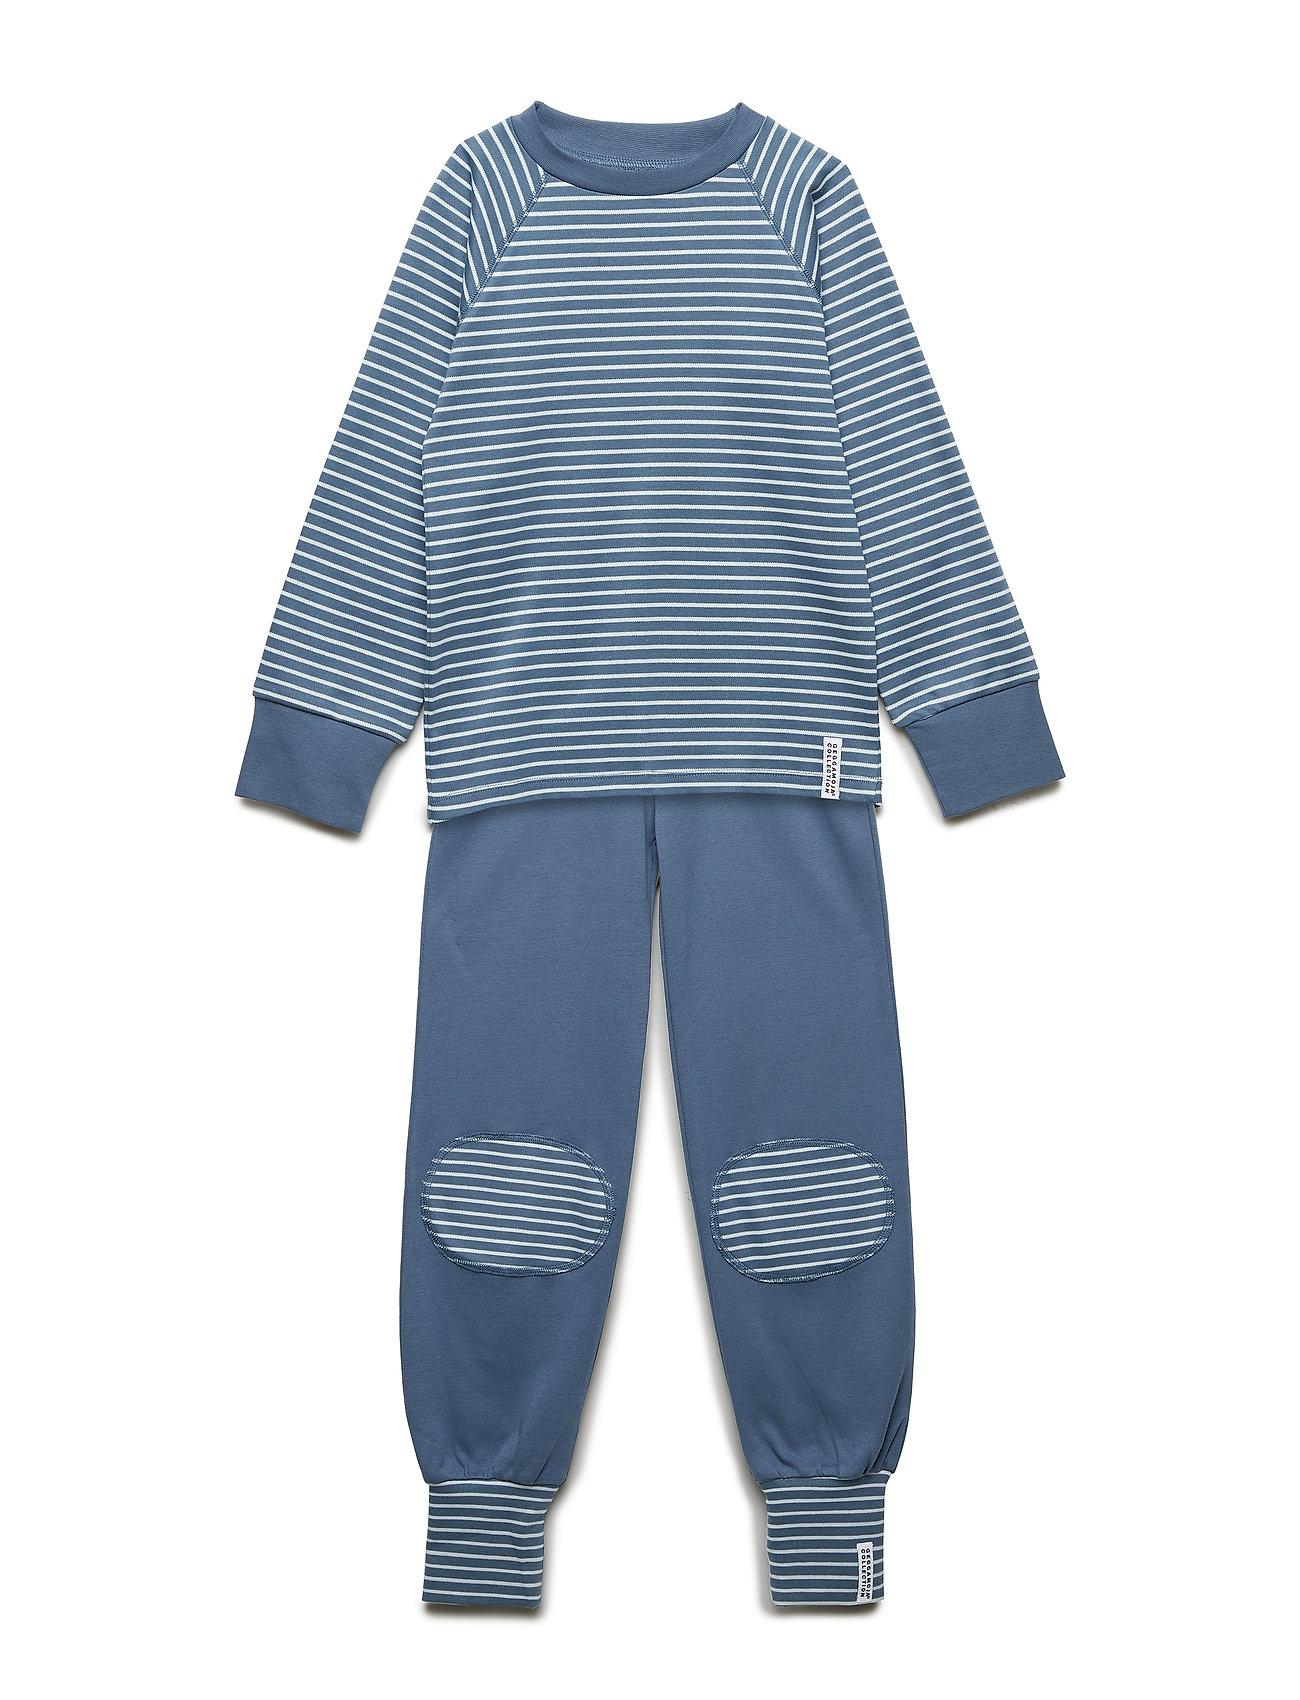 Image of 2-Piece Pyjamas (3091460627)